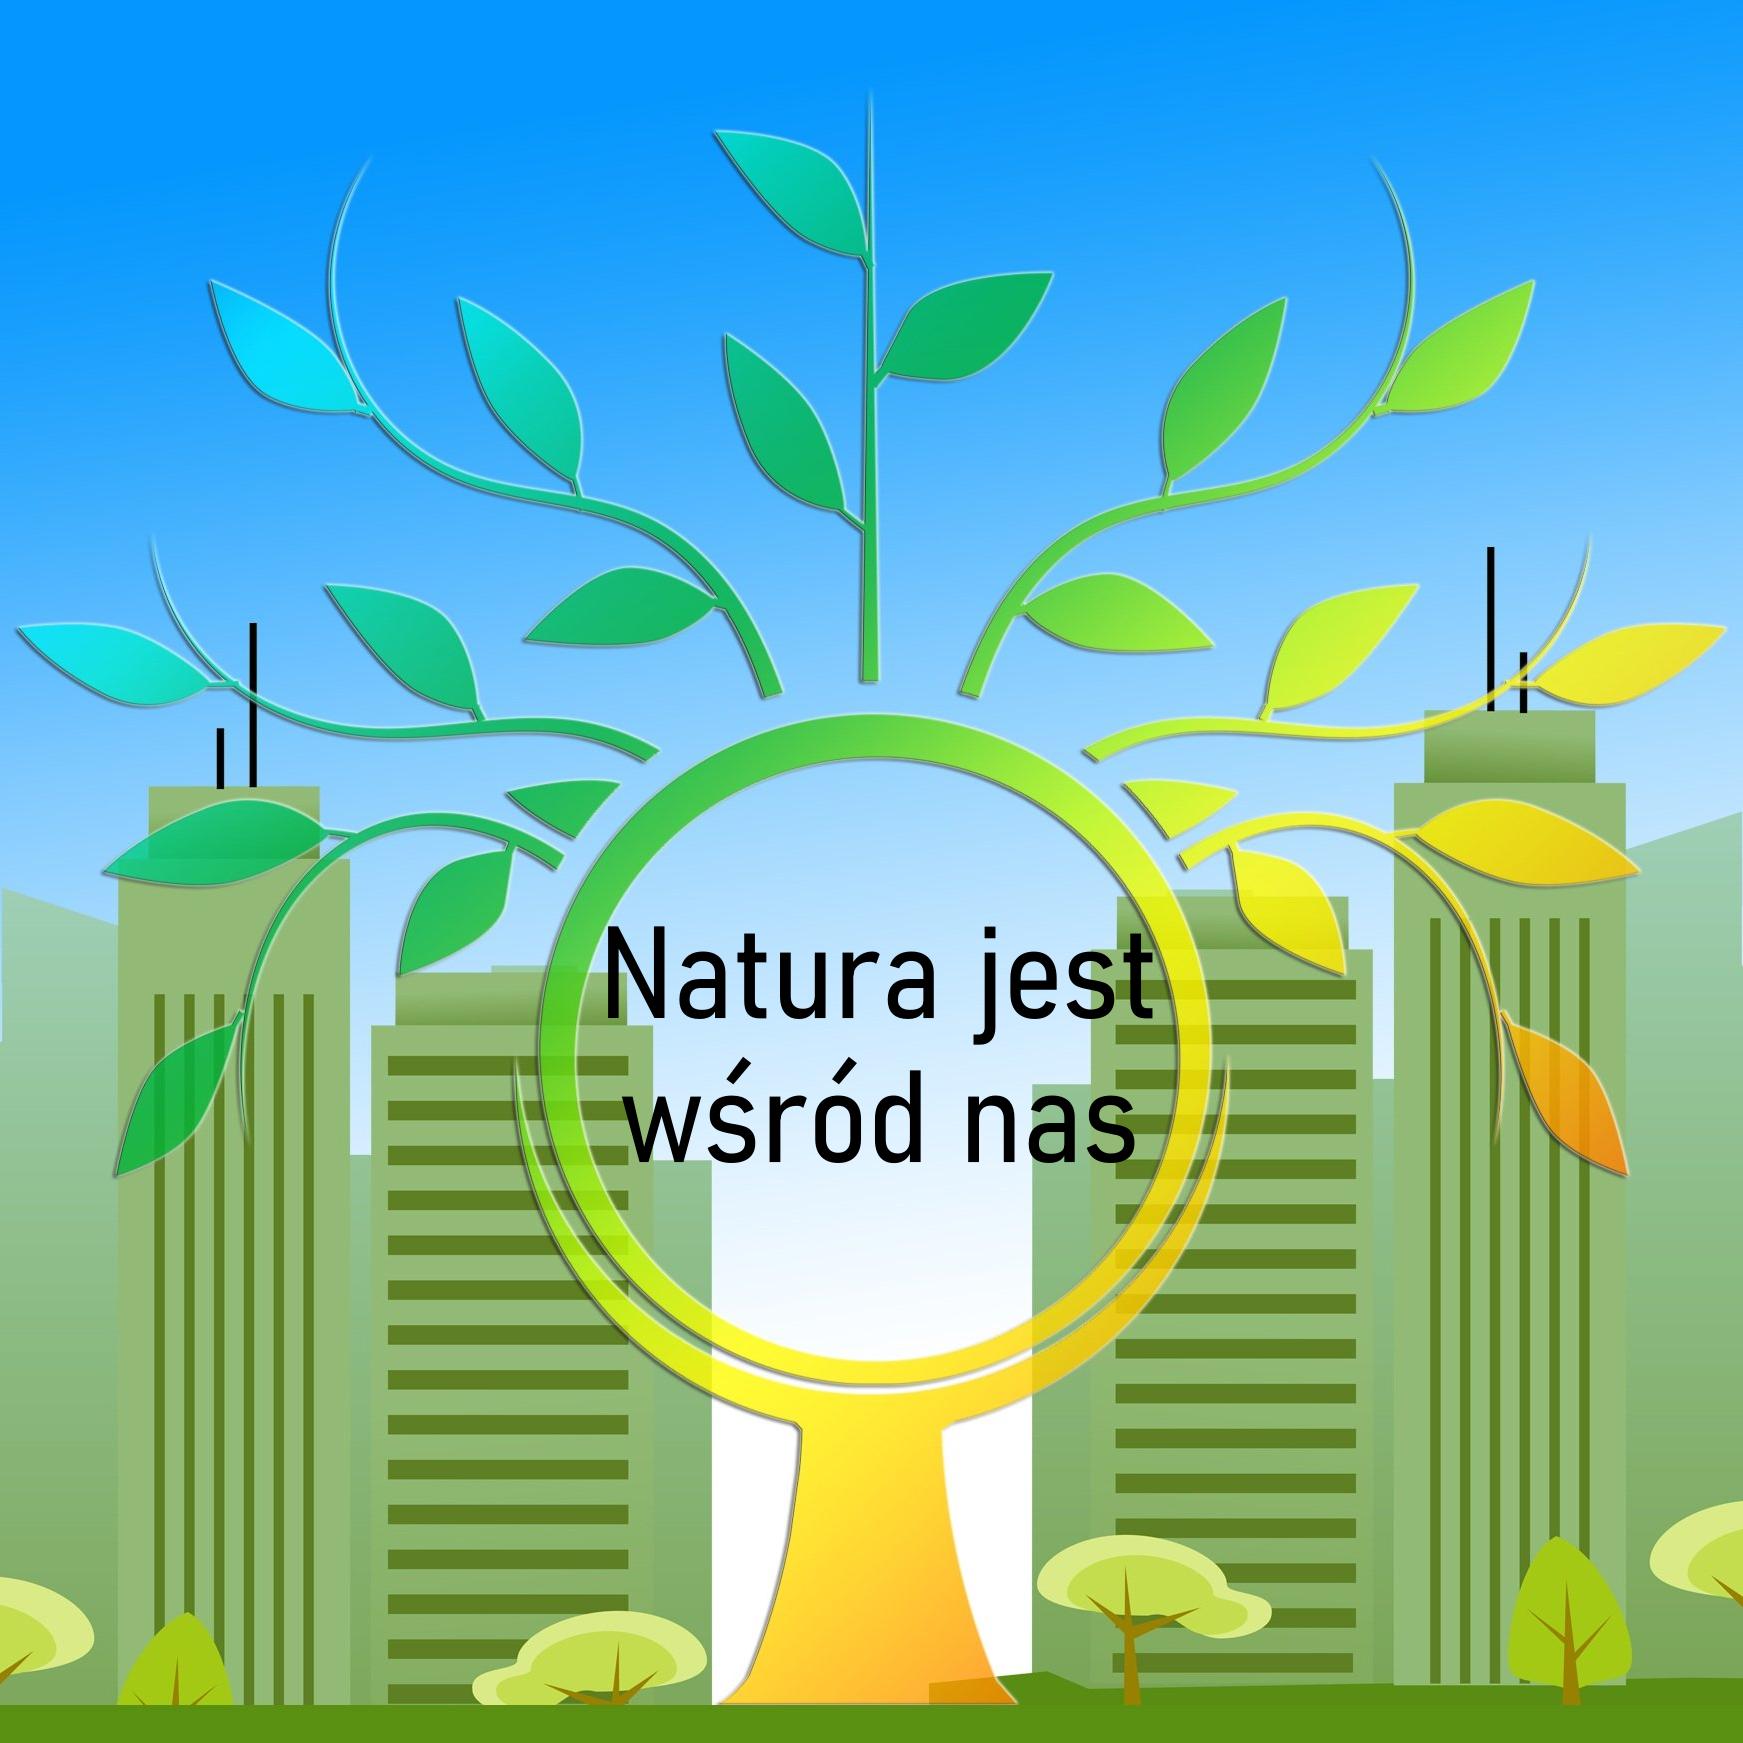 Natura jest wśród nas